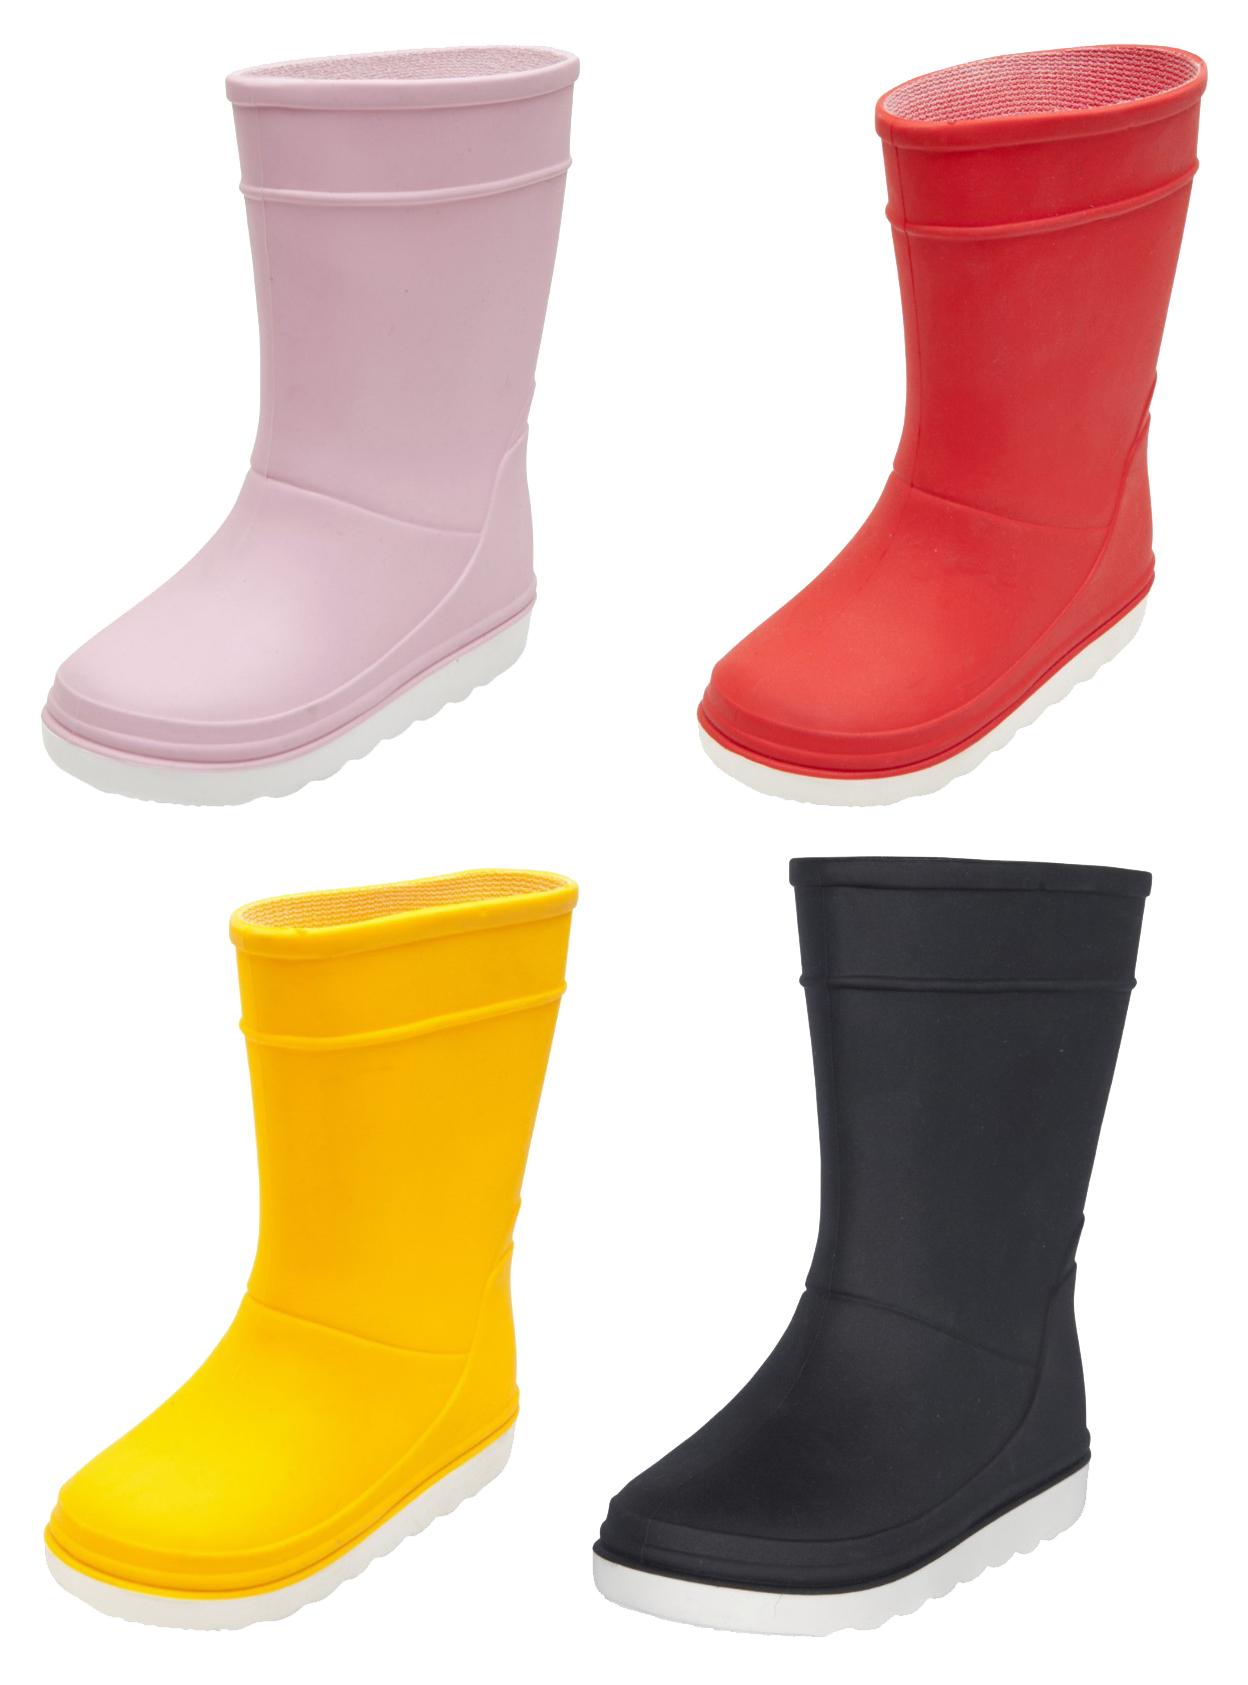 original de costura caliente descuento especial zapatos casuales botas lluvia decathlon